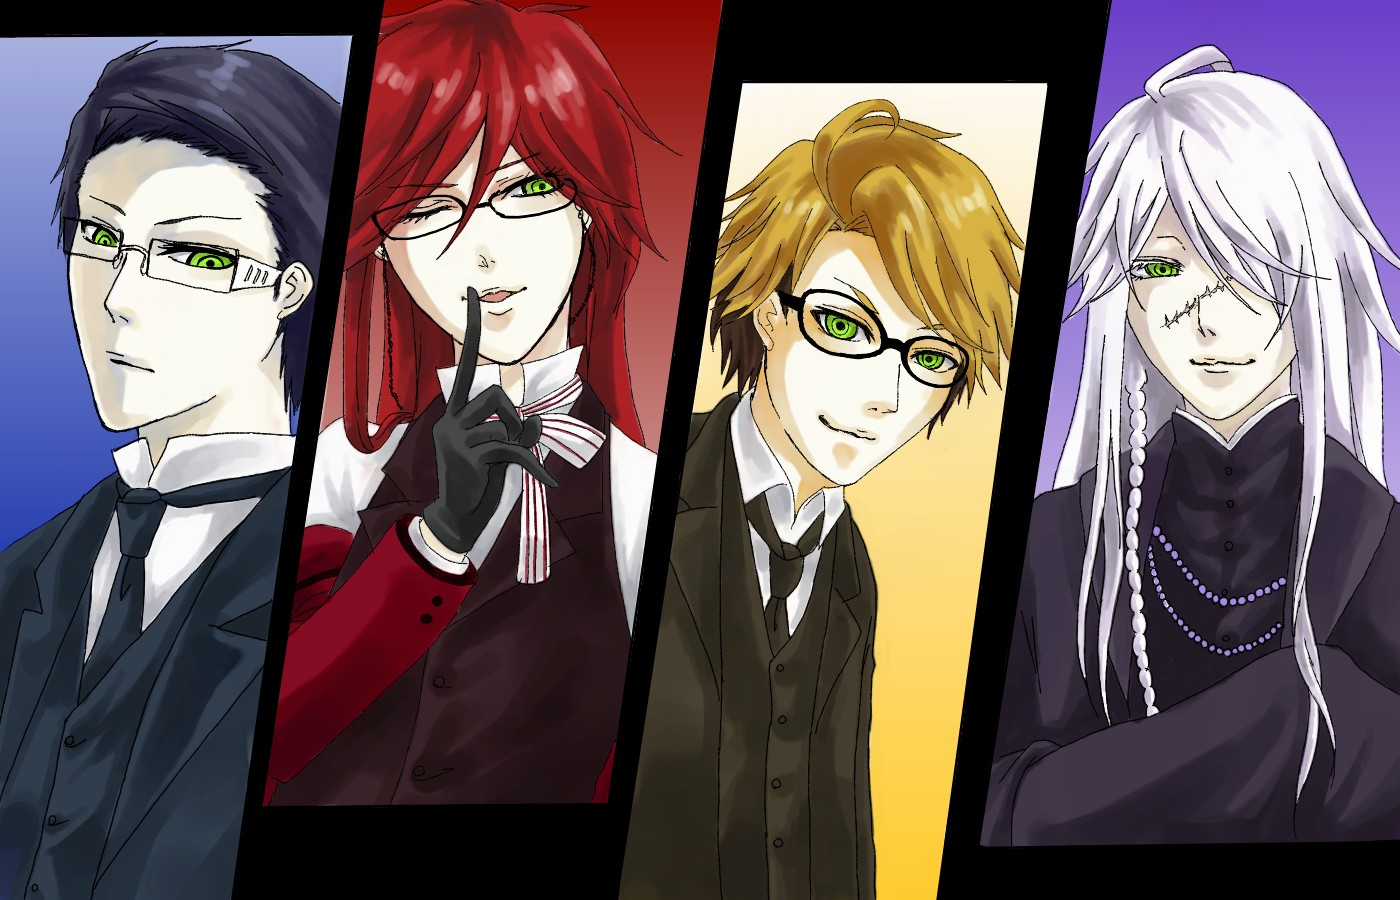 Kuroshitsuji (Black Butler) - Toboso Yana - Image #940158 ...  Kuroshitsuji (B...